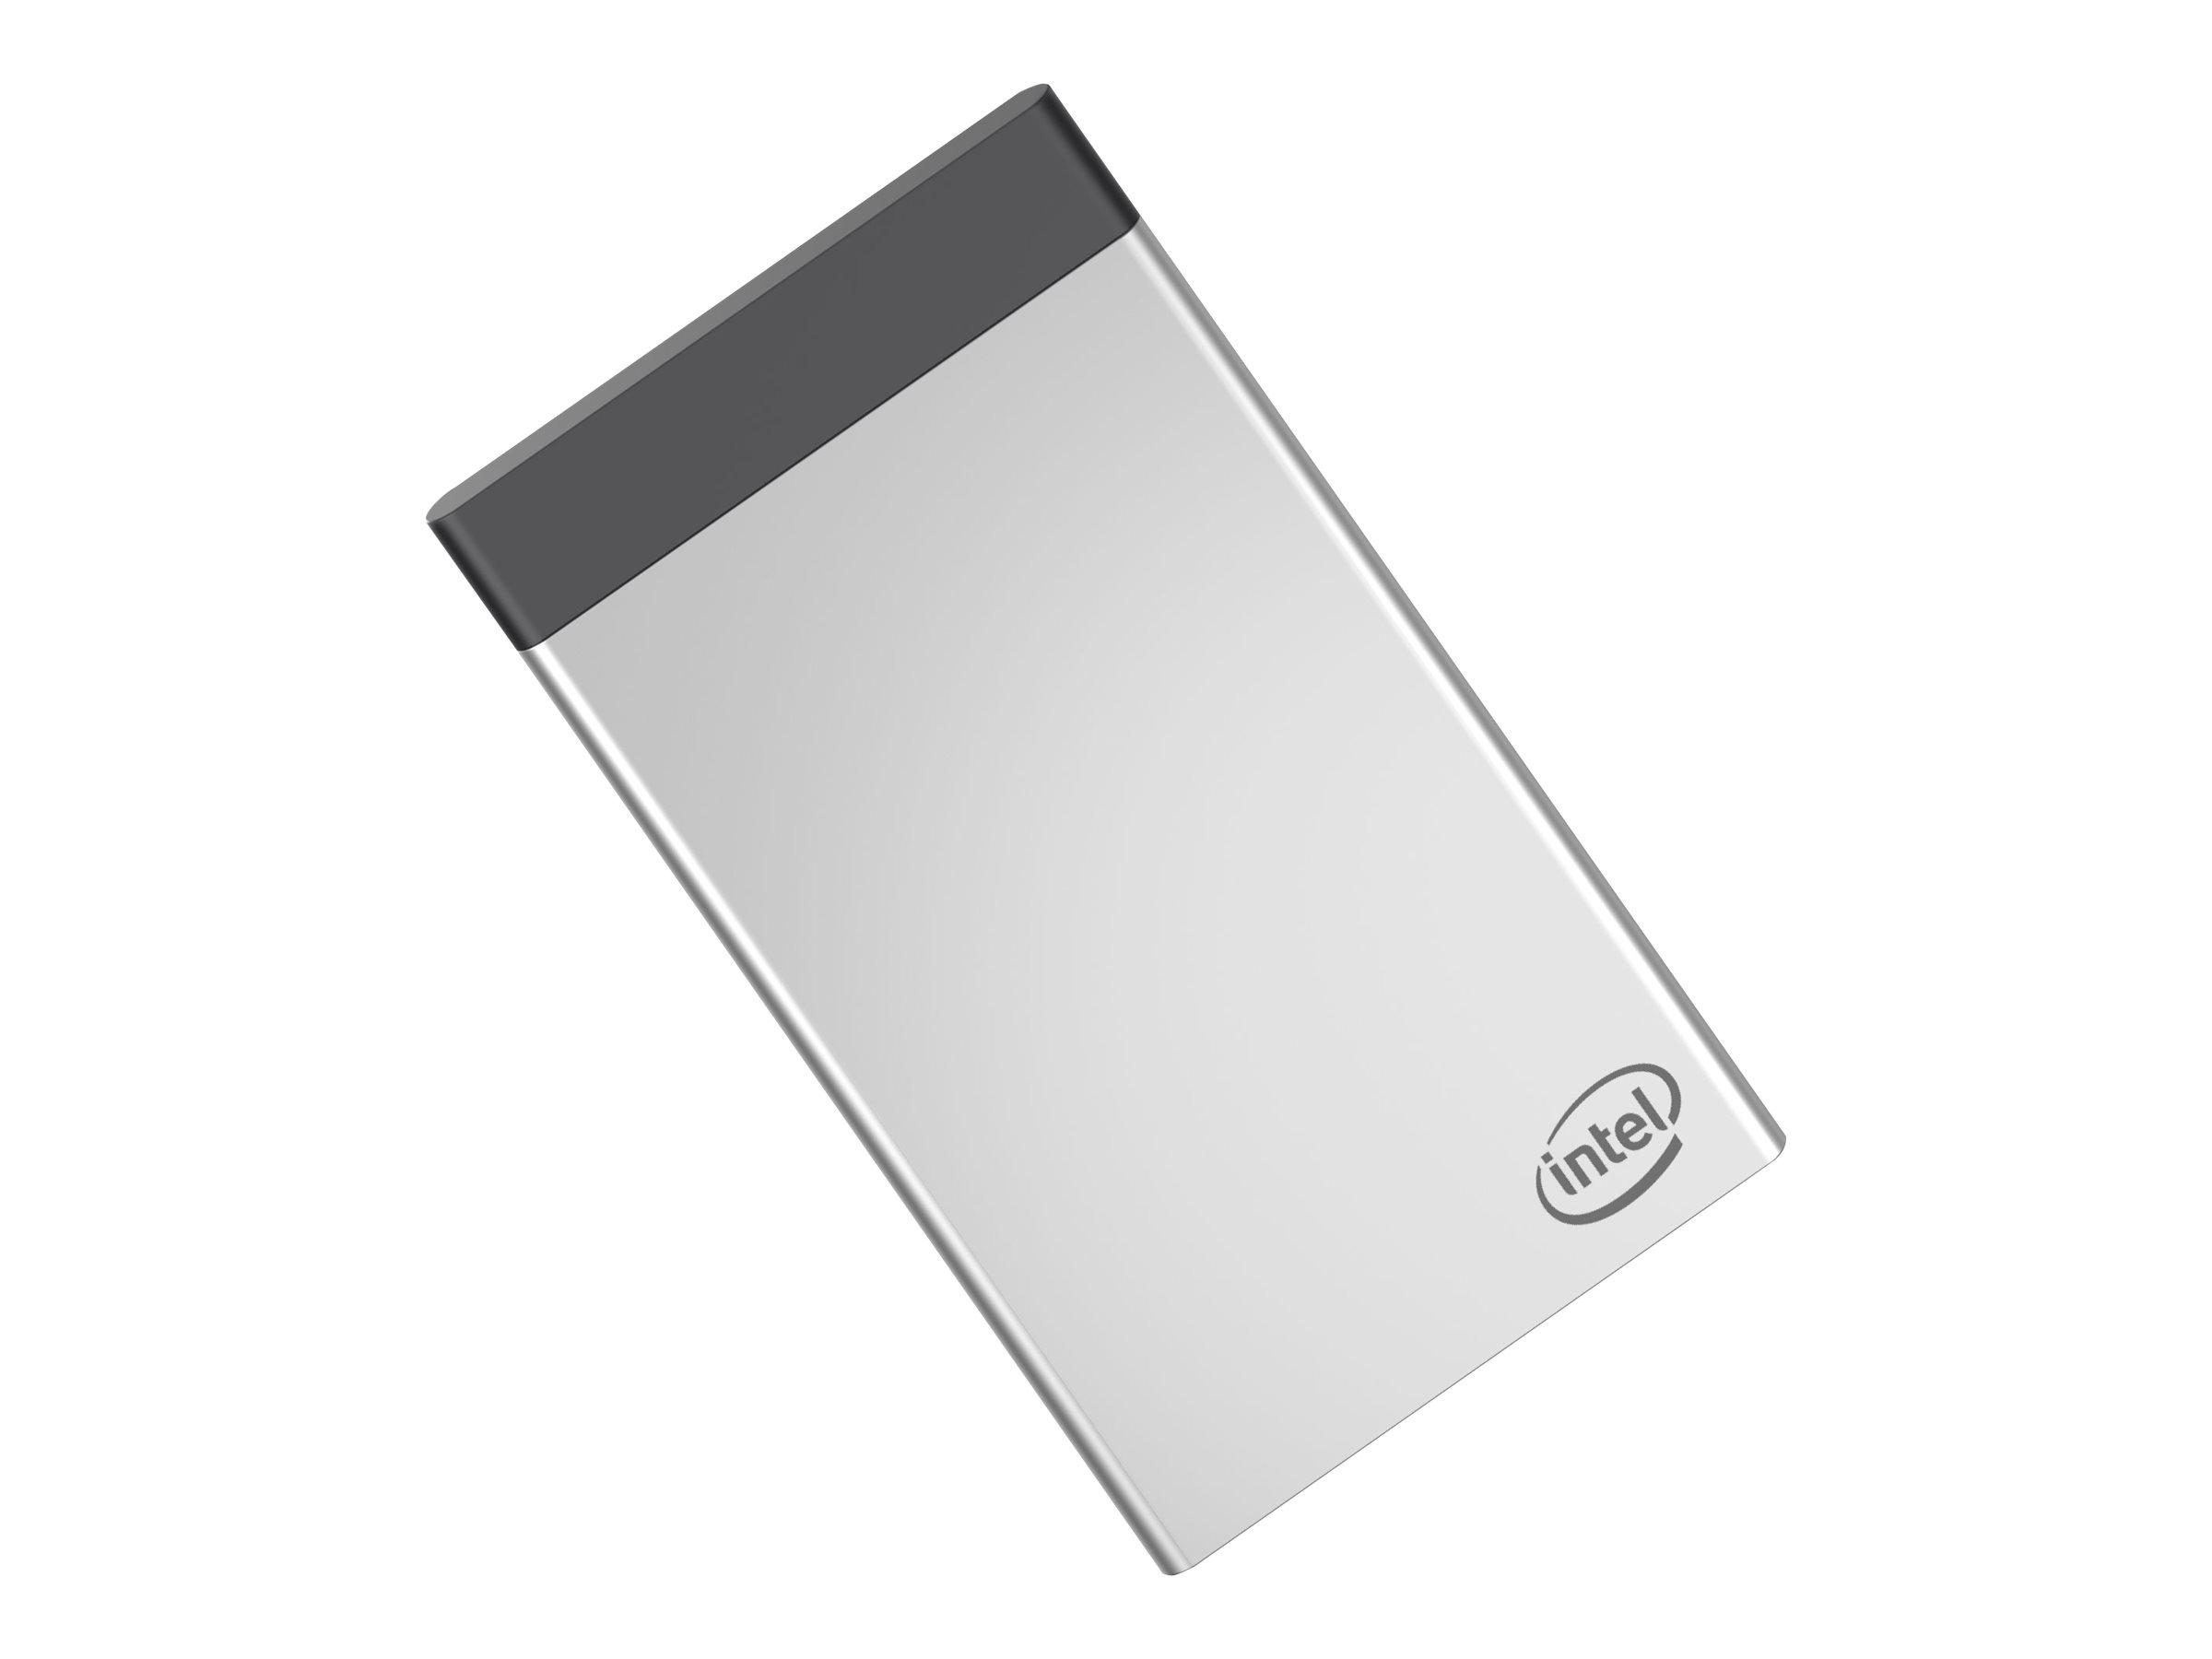 Intel Compute Card CD1C64GK - Karte - 1 x Celeron N3450 / 1.1 GHz - RAM 4 GB - Flash - eMMC 64 GB